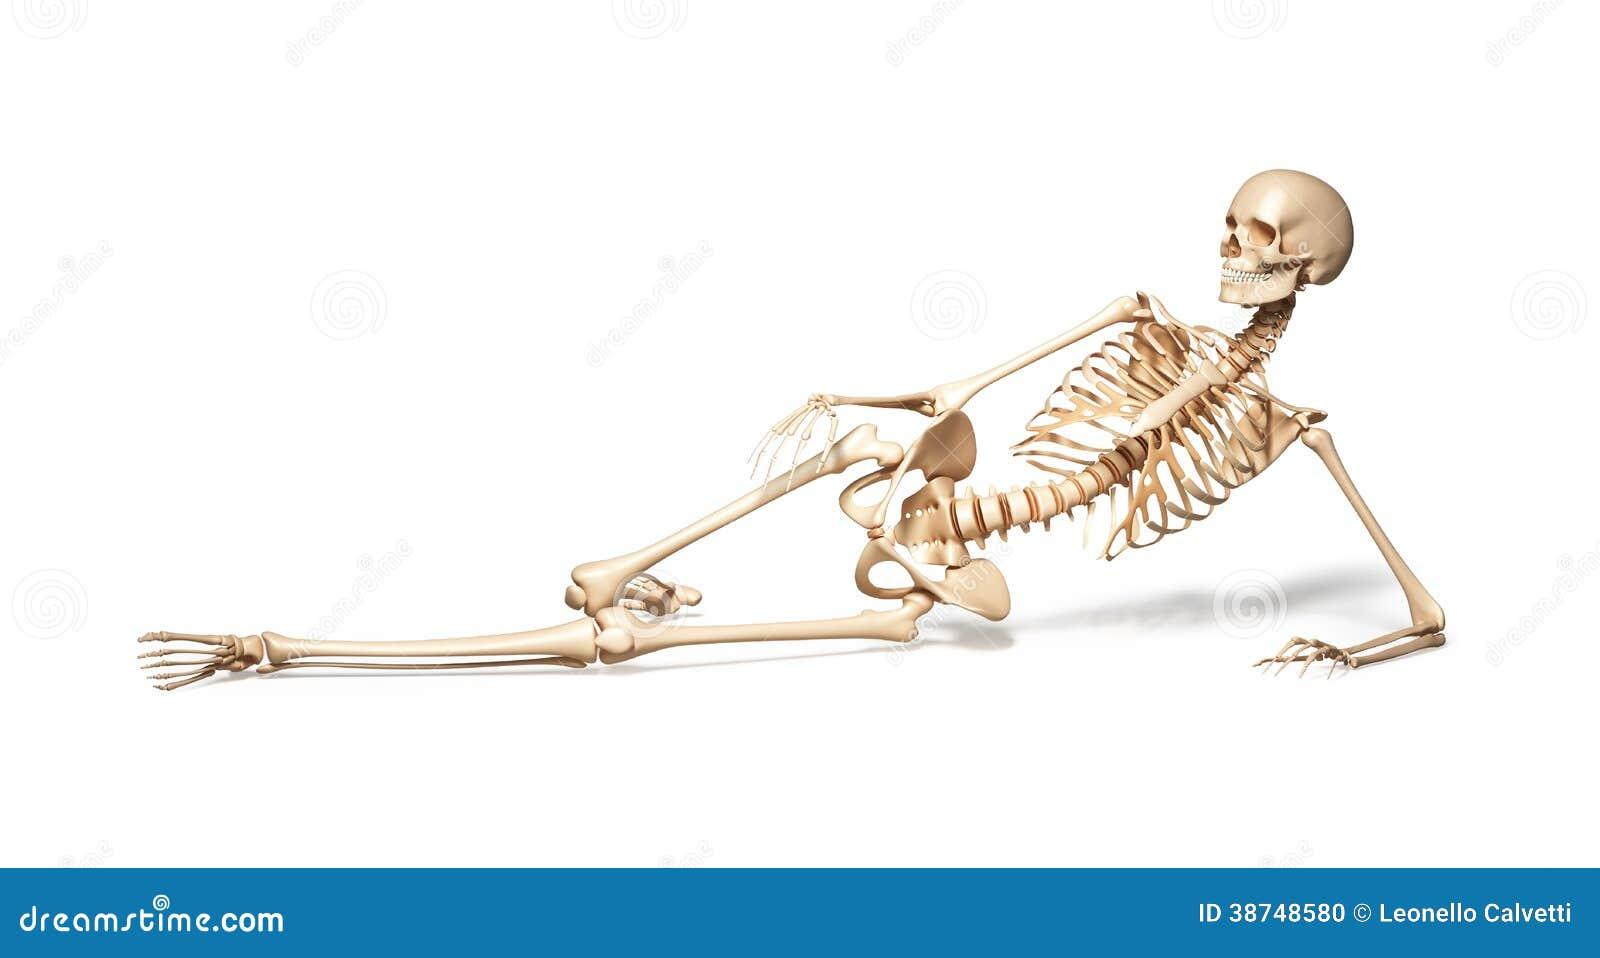 Skelet van menselijk wijfje die op vloer liggen.